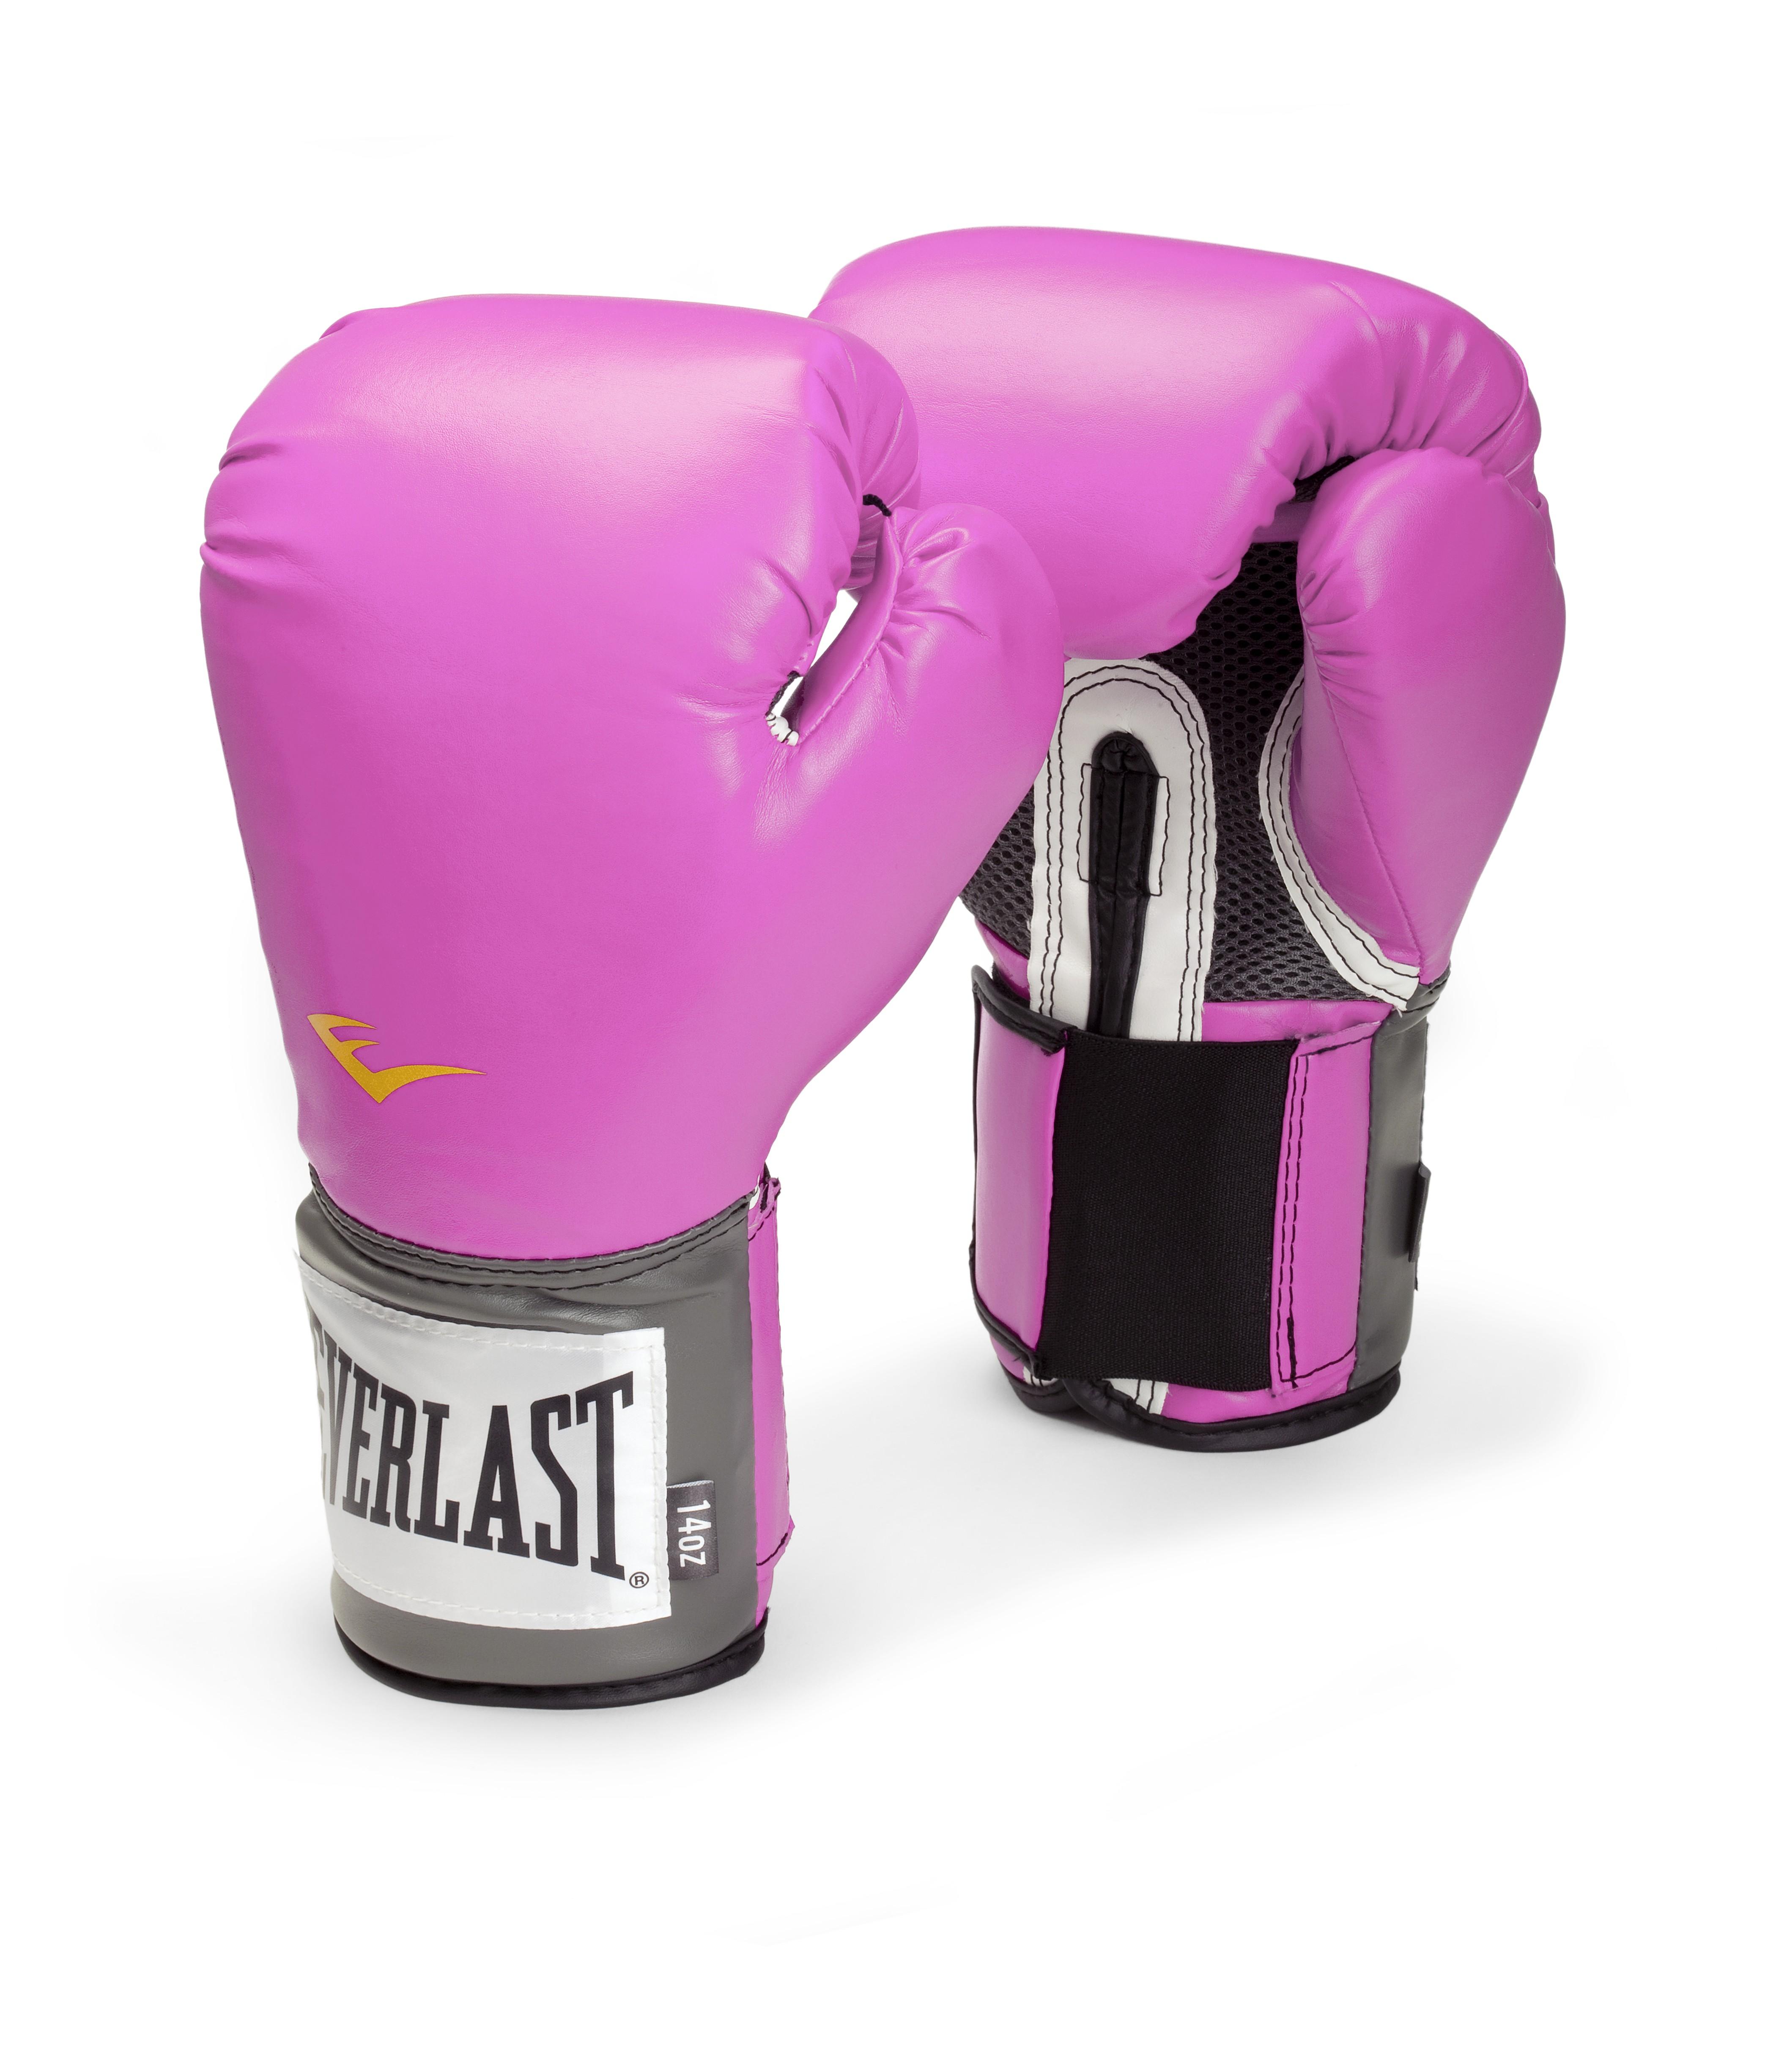 Перчатки тренировочные Everlast Pro Style Anti-MB, цвет: розовый. Вес 12 унций2512WUОптимальные перчатки Everlast Pro Style Anti-MB для начинающих спортсменов. Анатомически правильное внутреннее пространство перчатки обеспечивает правильное положение кисти. Плотный, инновационный двухслойный пенный наполнитель обеспечивает лучшую поглотительную способность и полную защиту ударной части кисти. ThumbLok обеспечивает безопасное положение большого пальца. Сделаны из высокотехнологичной износостойкой синтетической кожи.